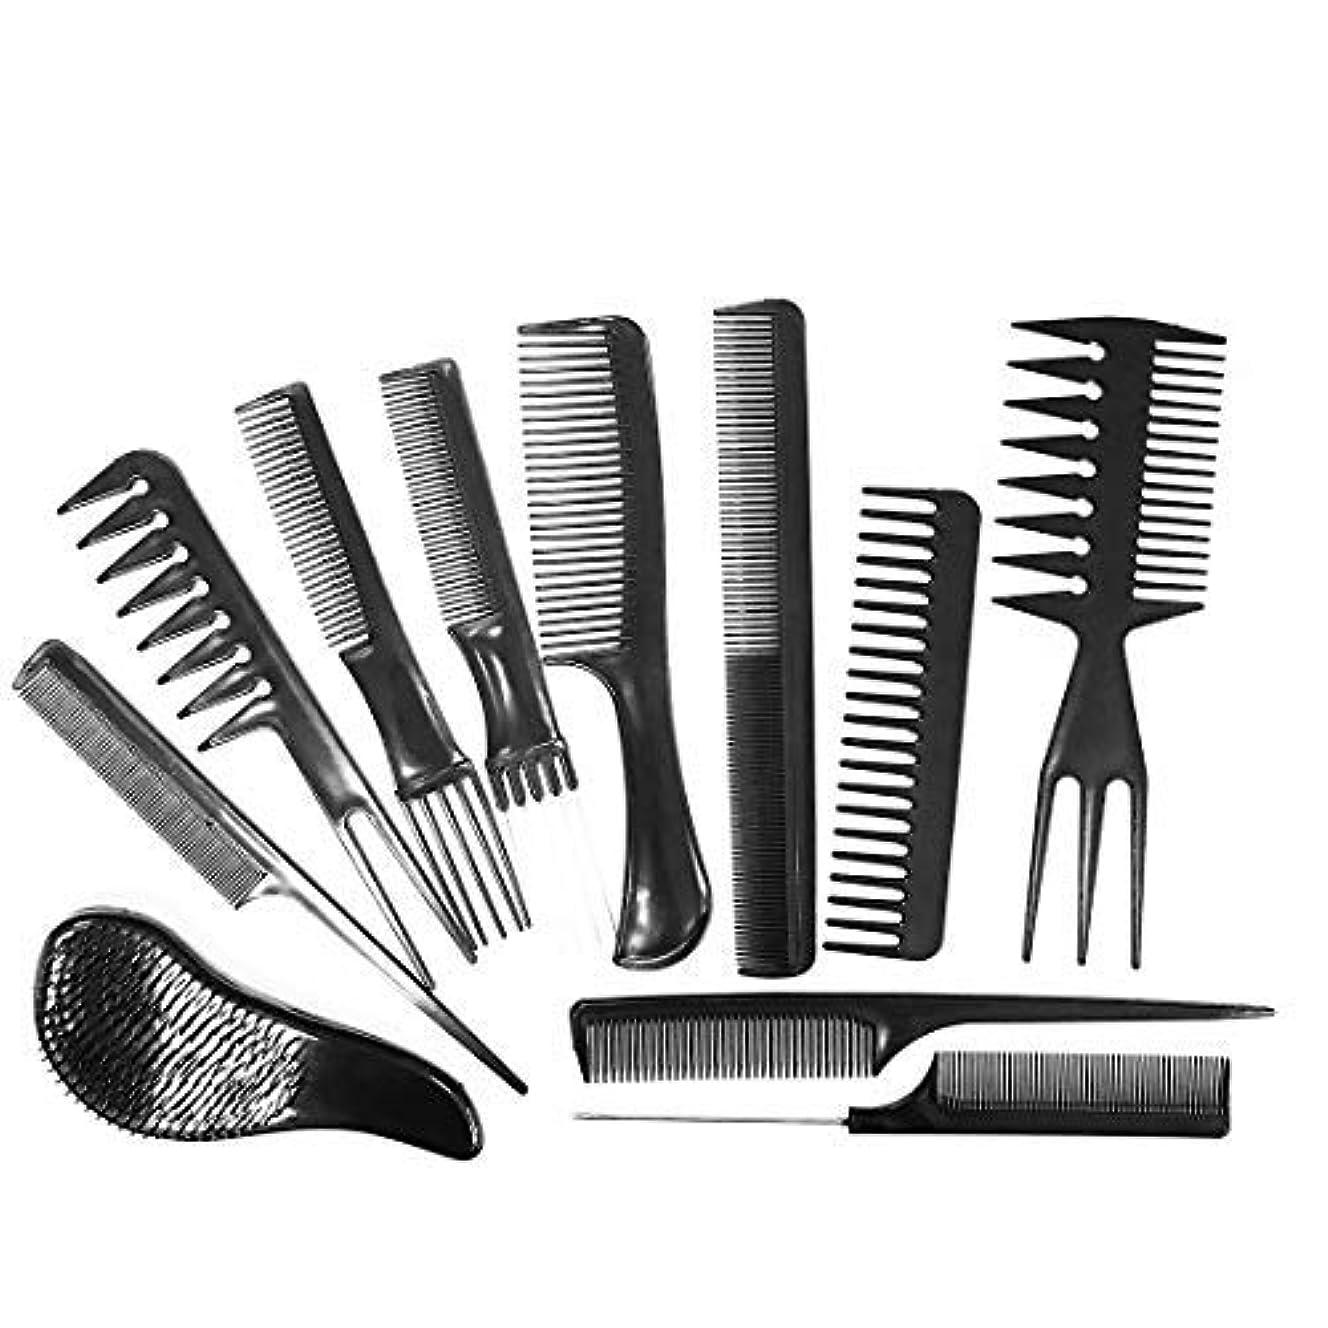 ヨーロッパ委員長軽減Daimay Professional Hair Styling Comb Set Hair Styling Clips Salon Hair Styling Barbers Comb Set Variety Pack...